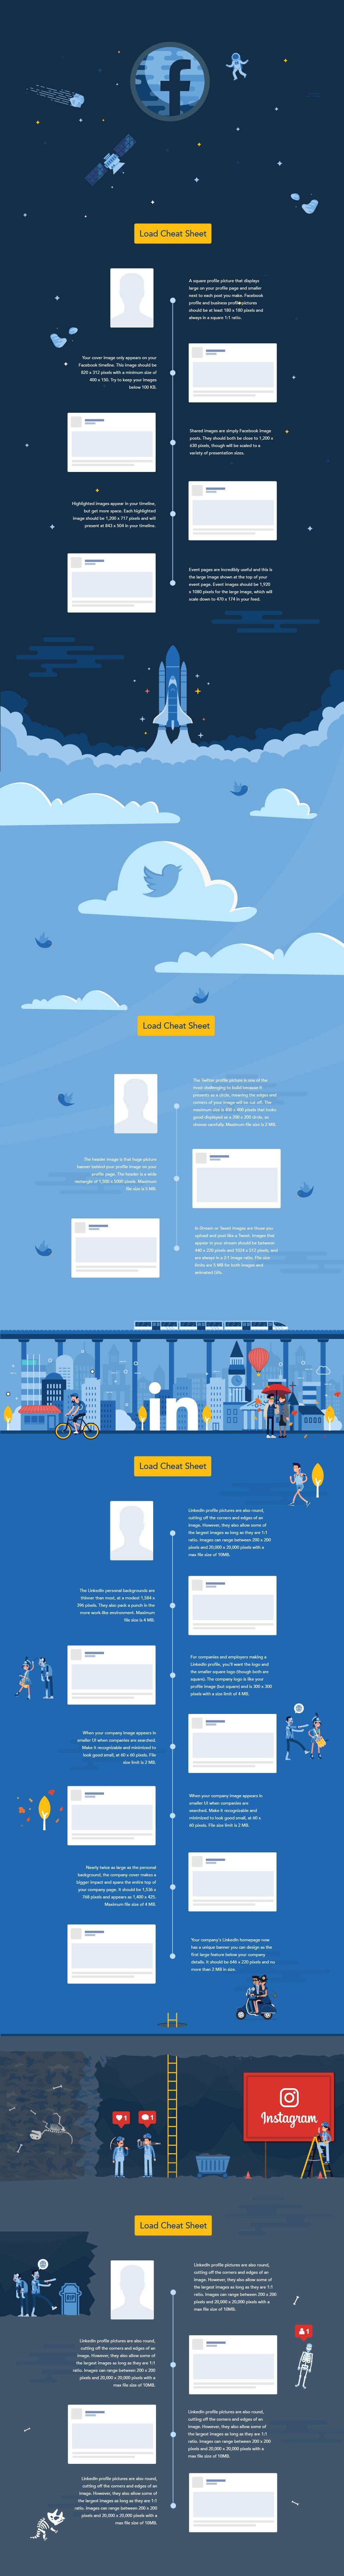 Social Media Image Sizes Cheat-sheet - We are BigKid